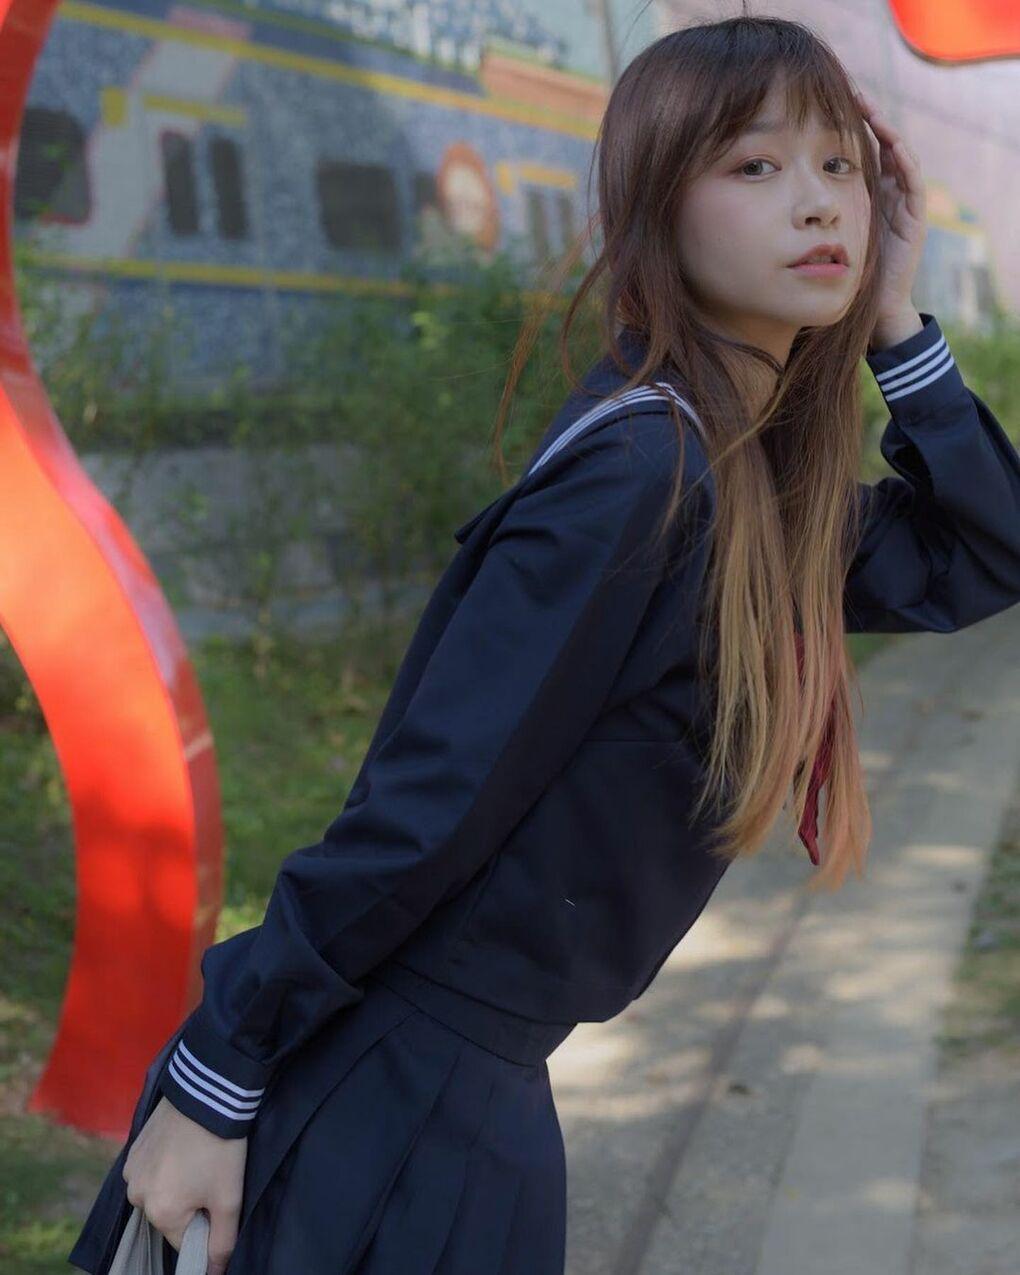 清透嫩白美眉阿耕Yusi满满胶原蛋白的氧气少女(20P) 网络美女 第16张